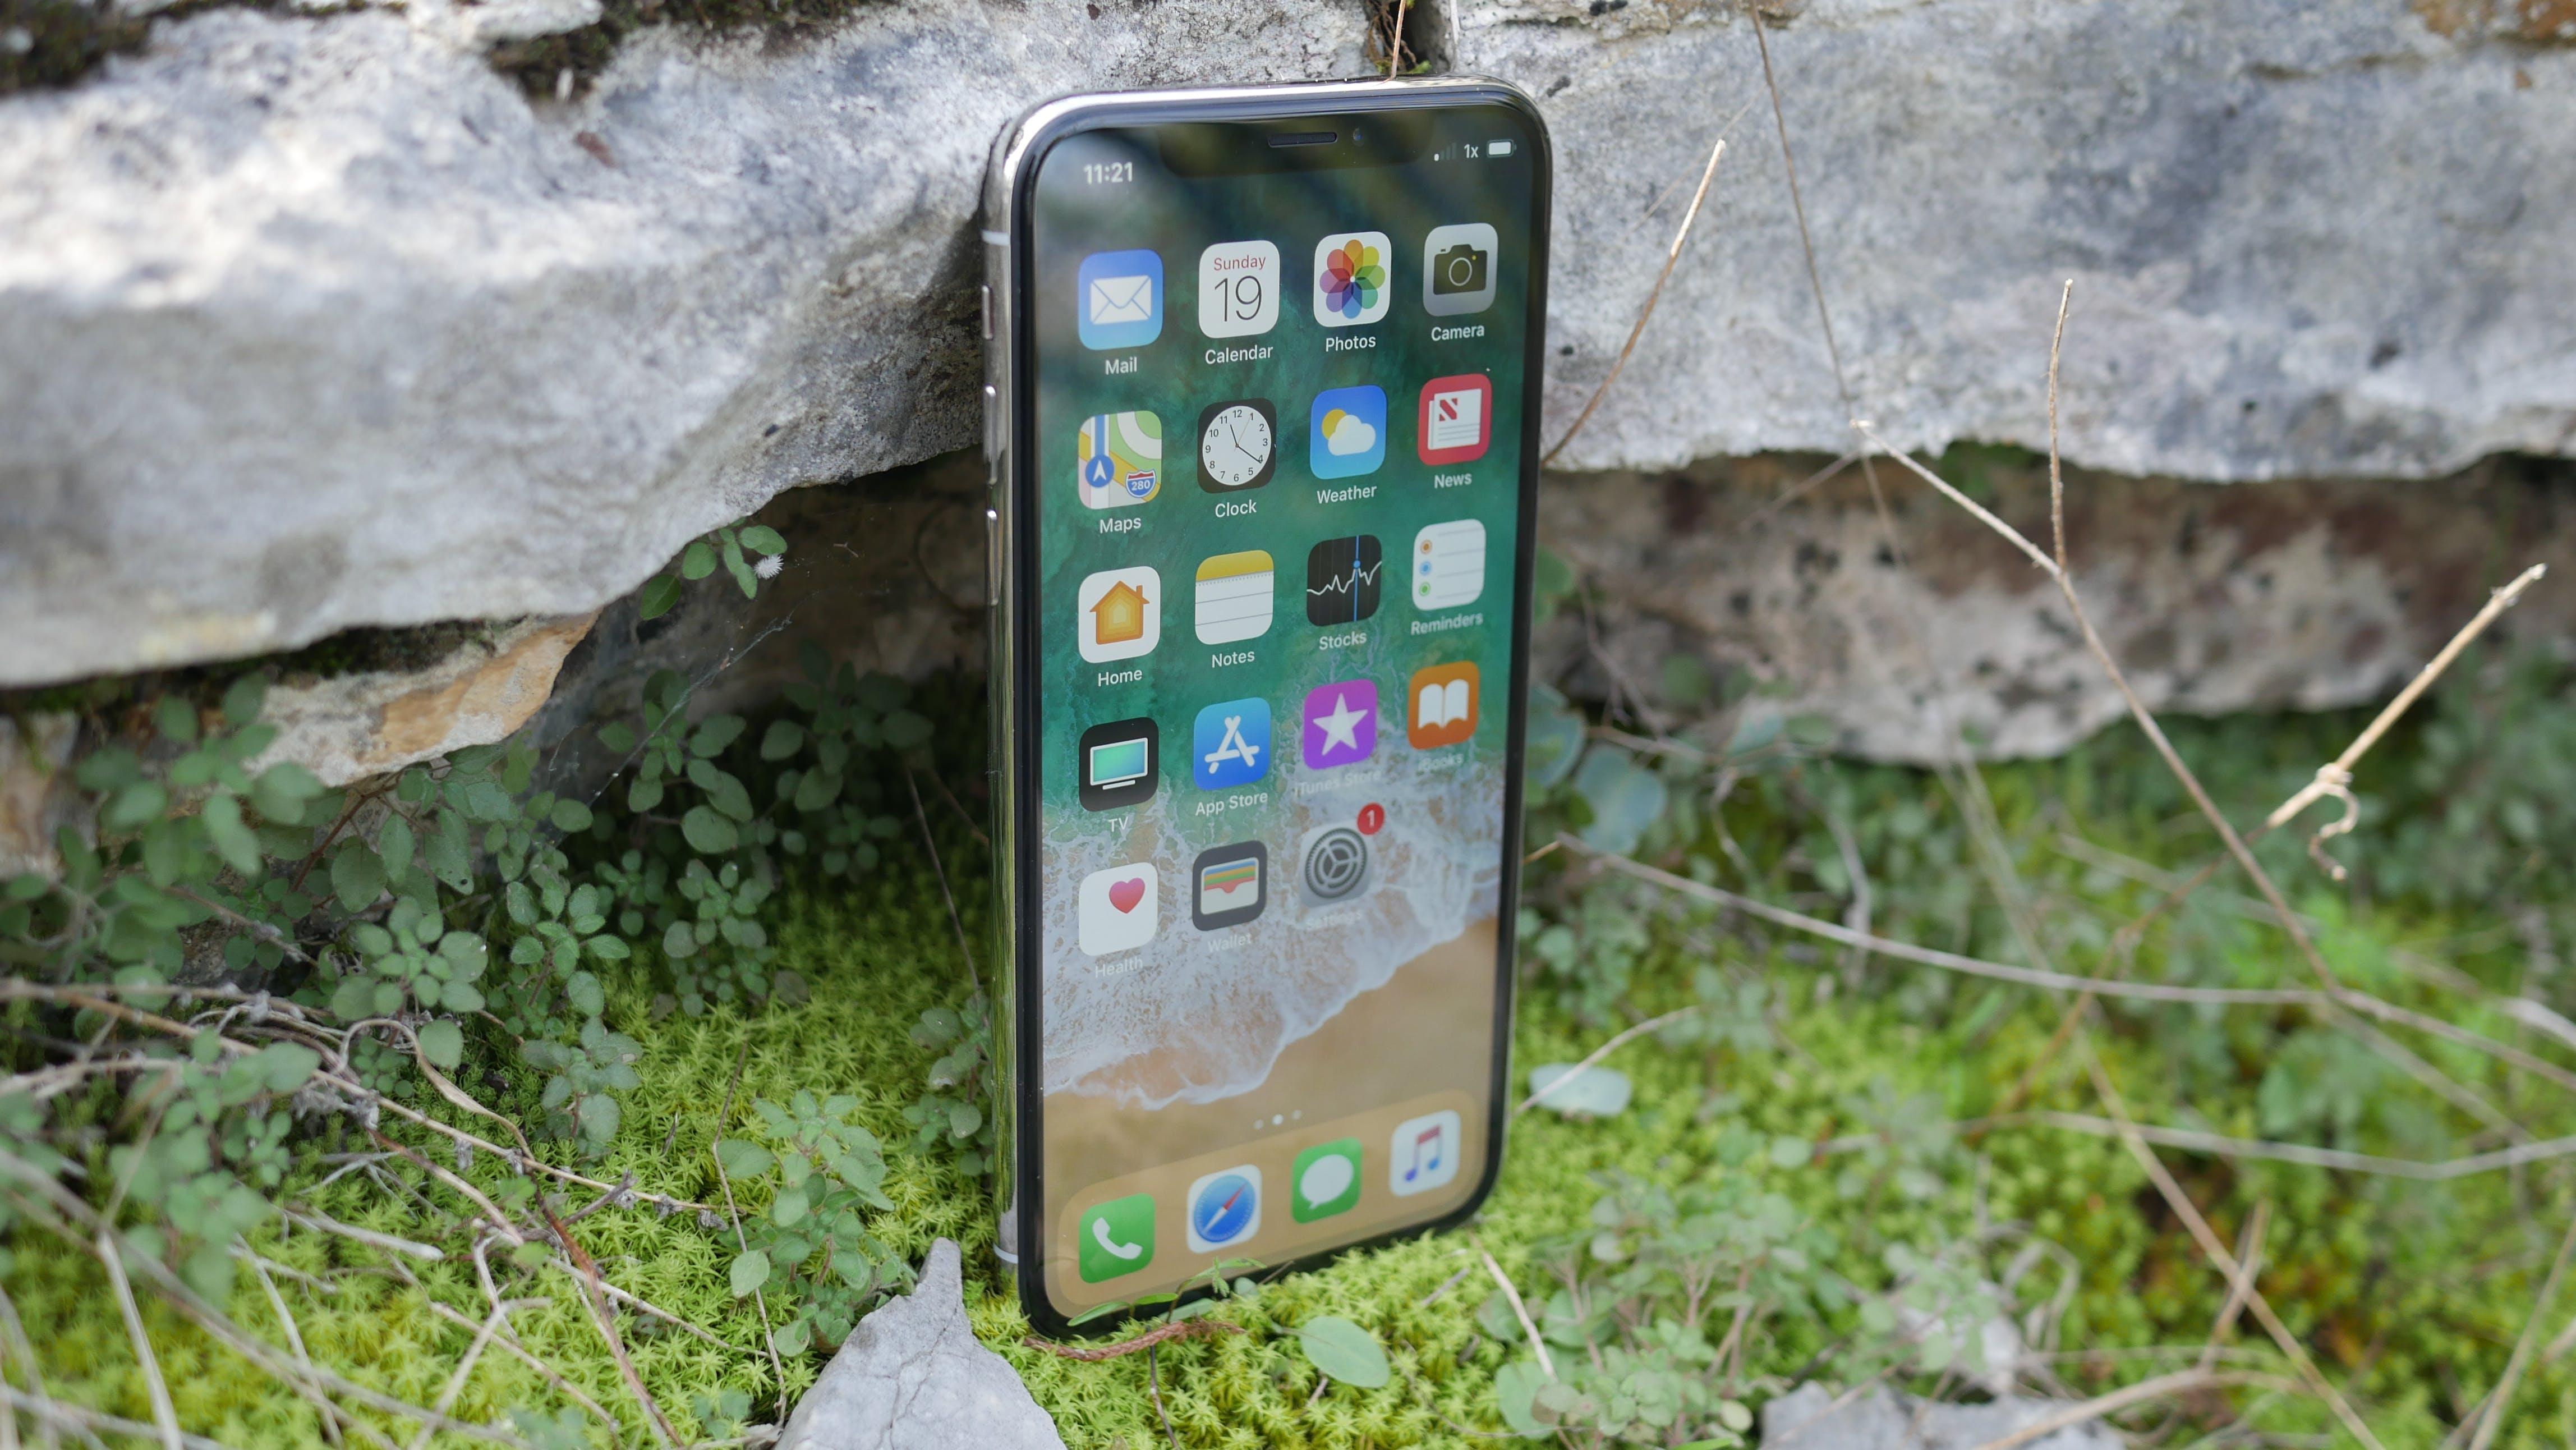 best smartphones 2018 - Apple iPhone X front display